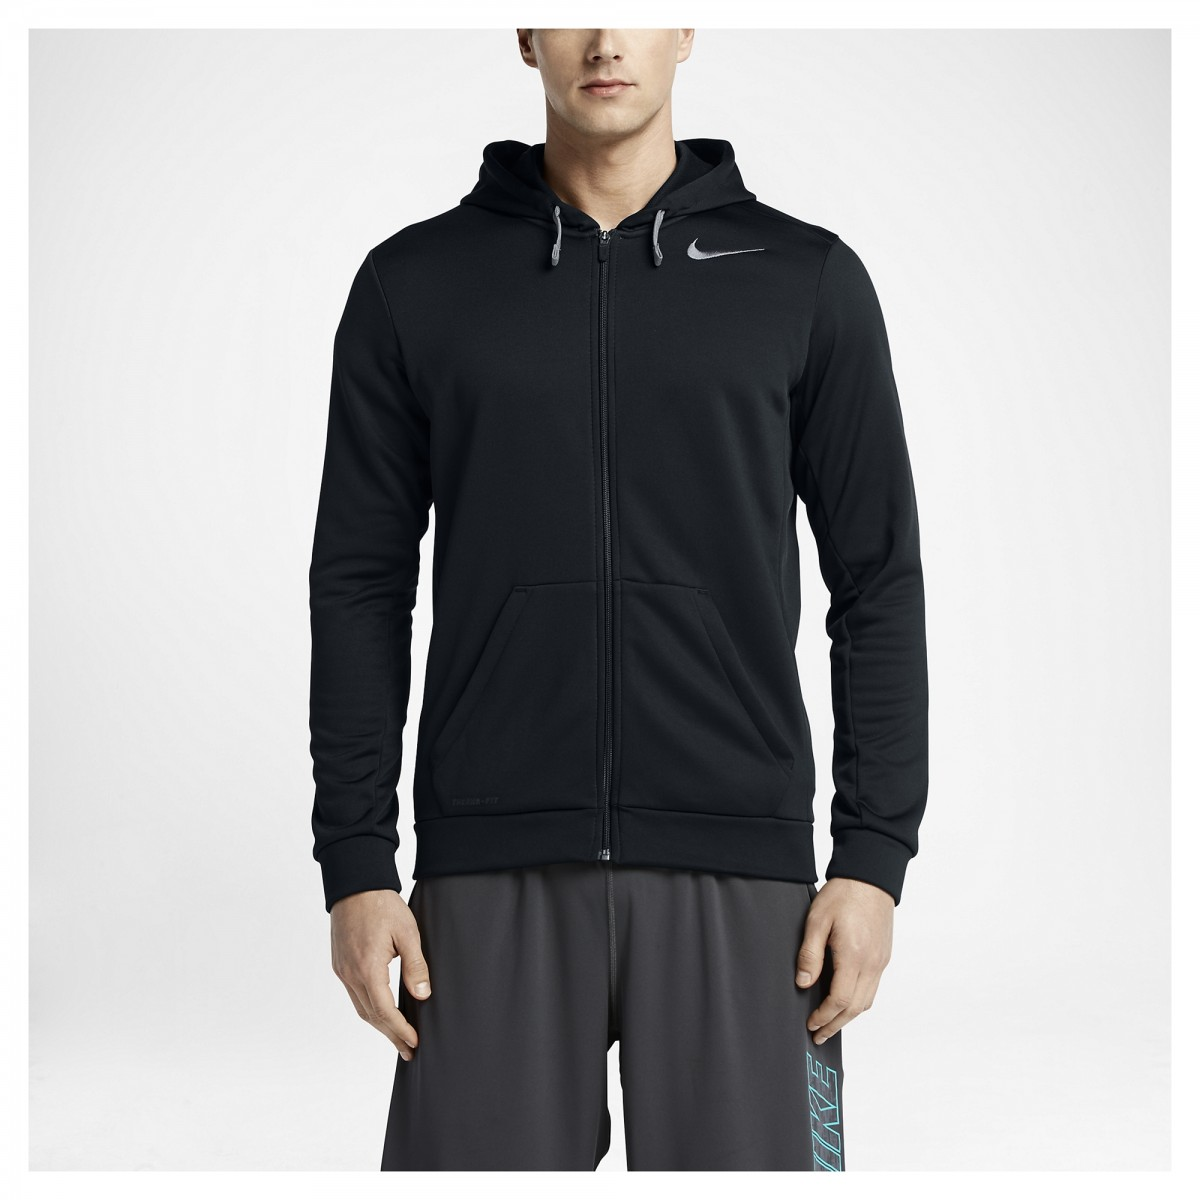 db5daadd44 Bizz Store - Jaqueta Masculina Nike KO FZ Hoodie 3.0 Moletom